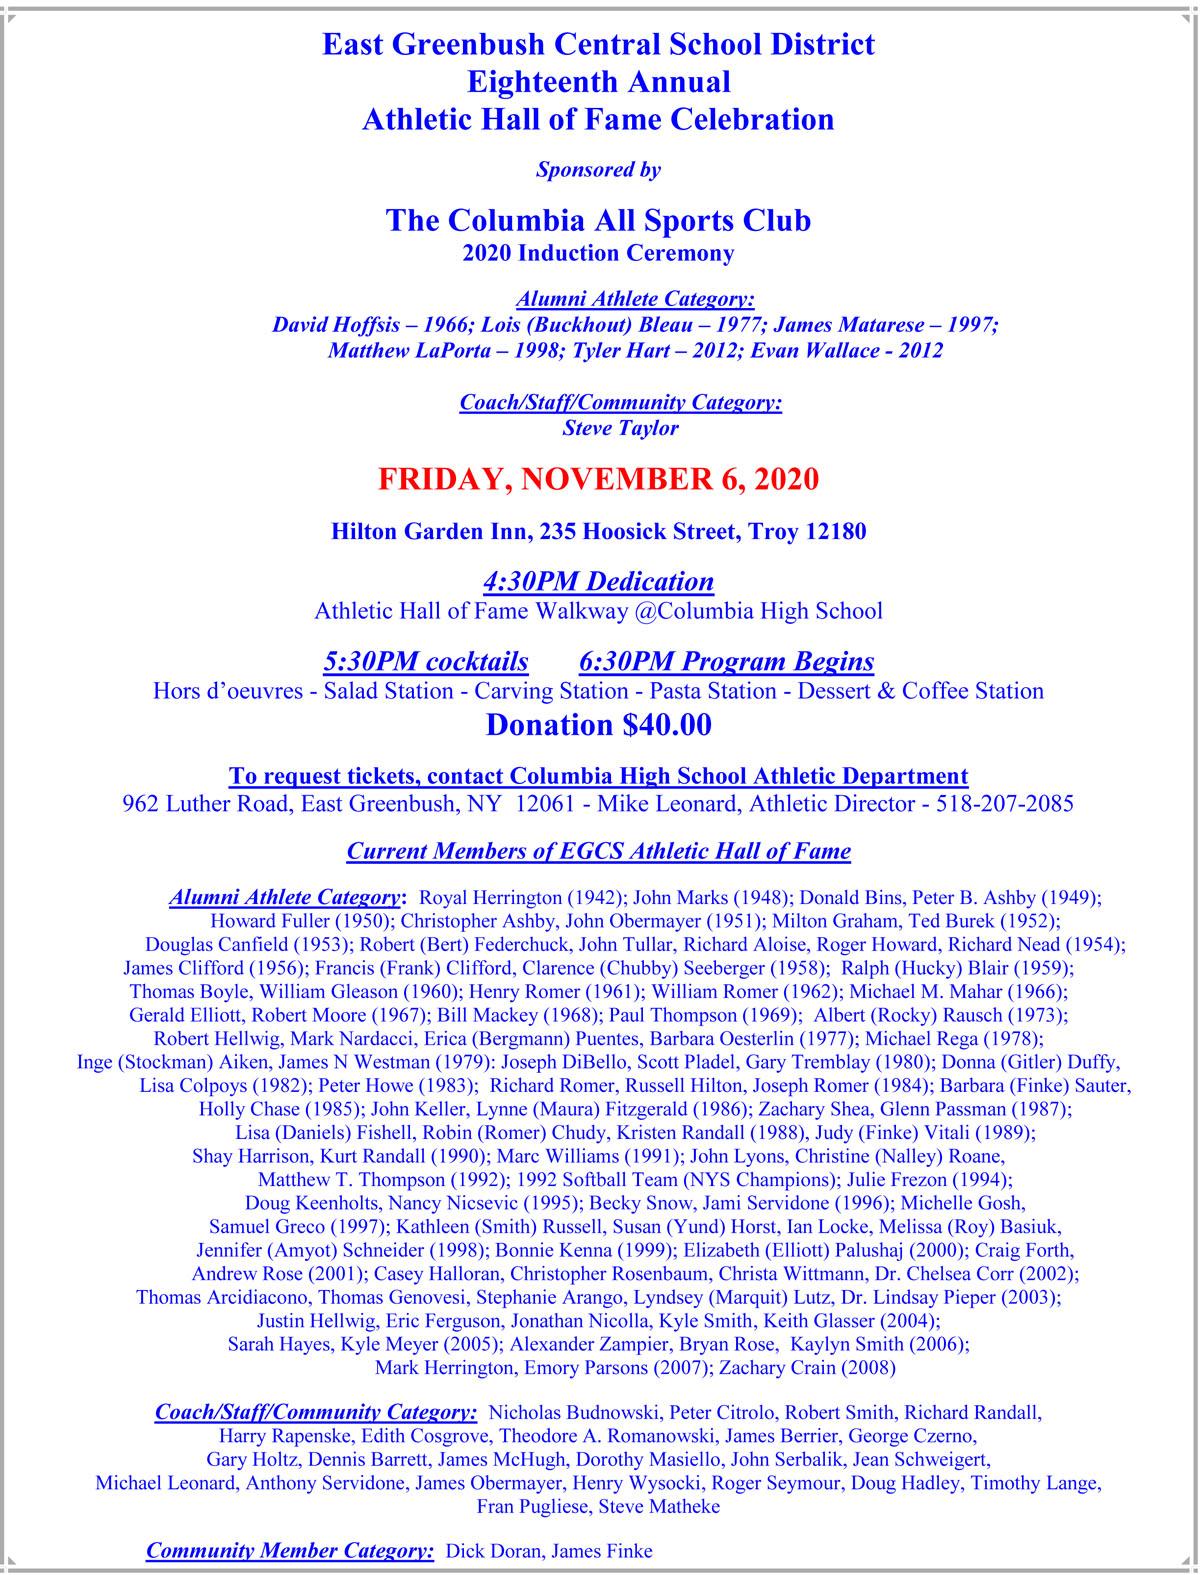 2020 Athletic Hall of Fame Celebration flyer